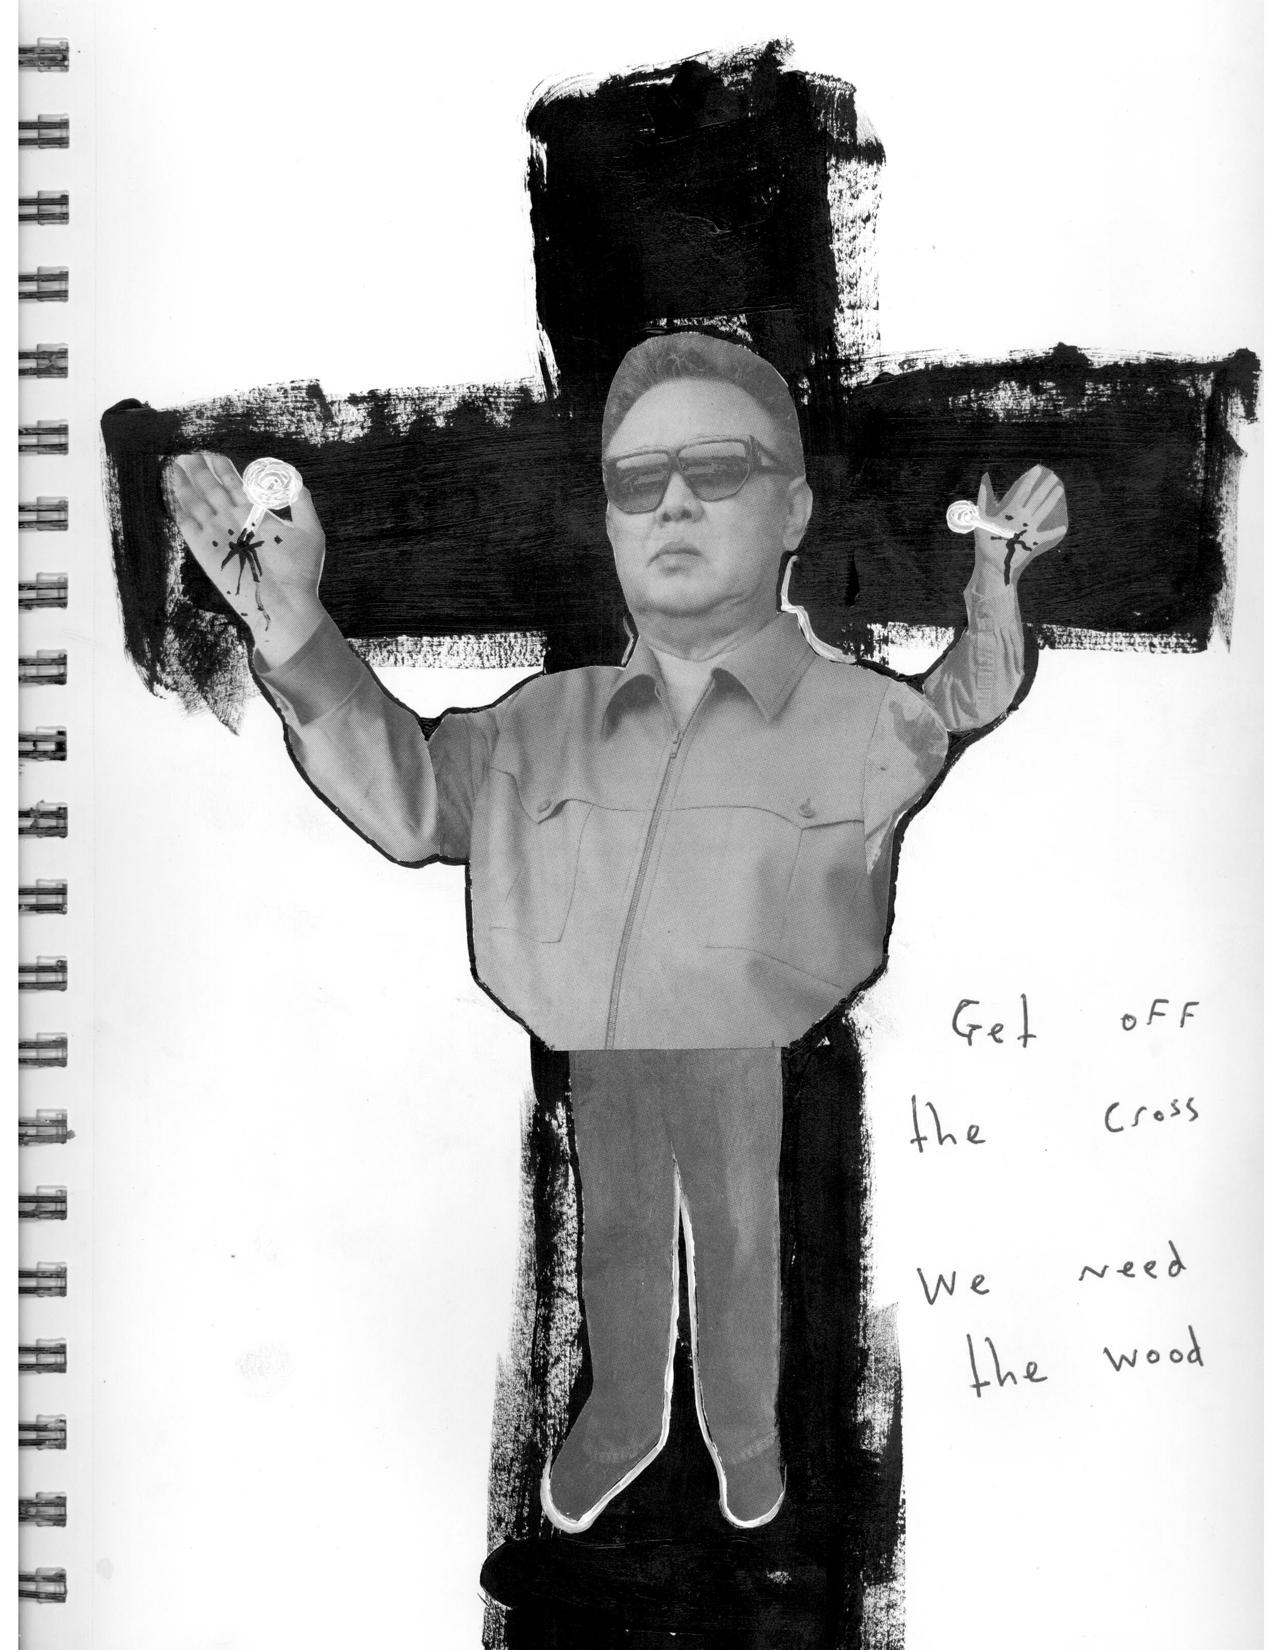 Get off the cross